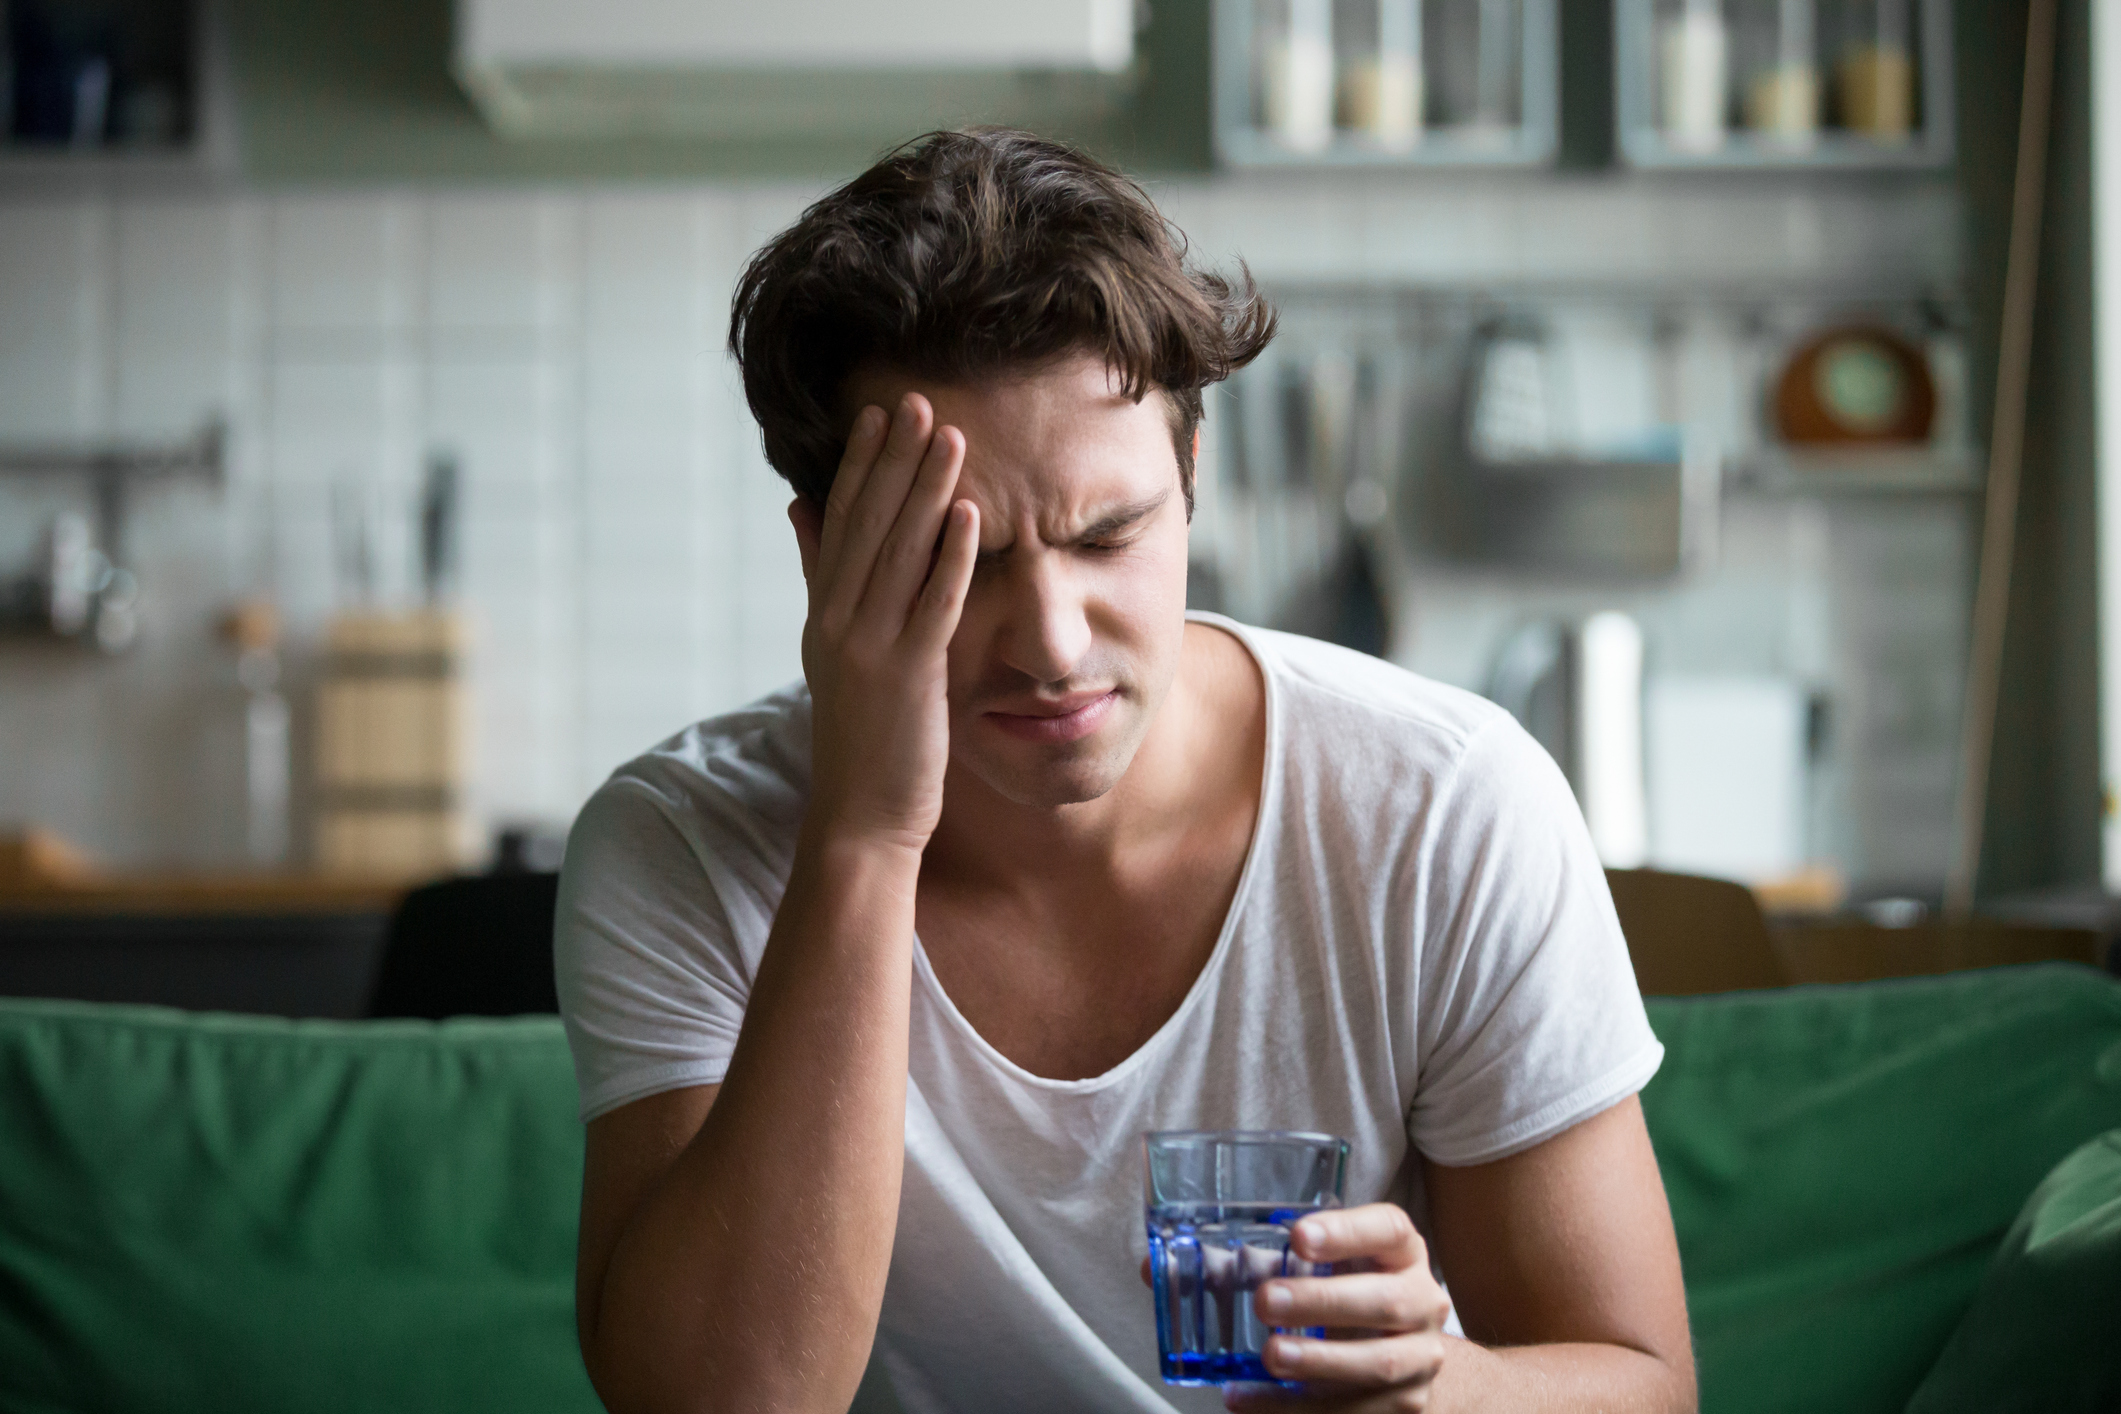 Combater a ressaca pós Carnaval é fundamental paraconseguir retornar à rotina normalmente. Para isso, hidratação e alimentação adequadas ajudam a amenizar as dores de cabeça depois da folia.